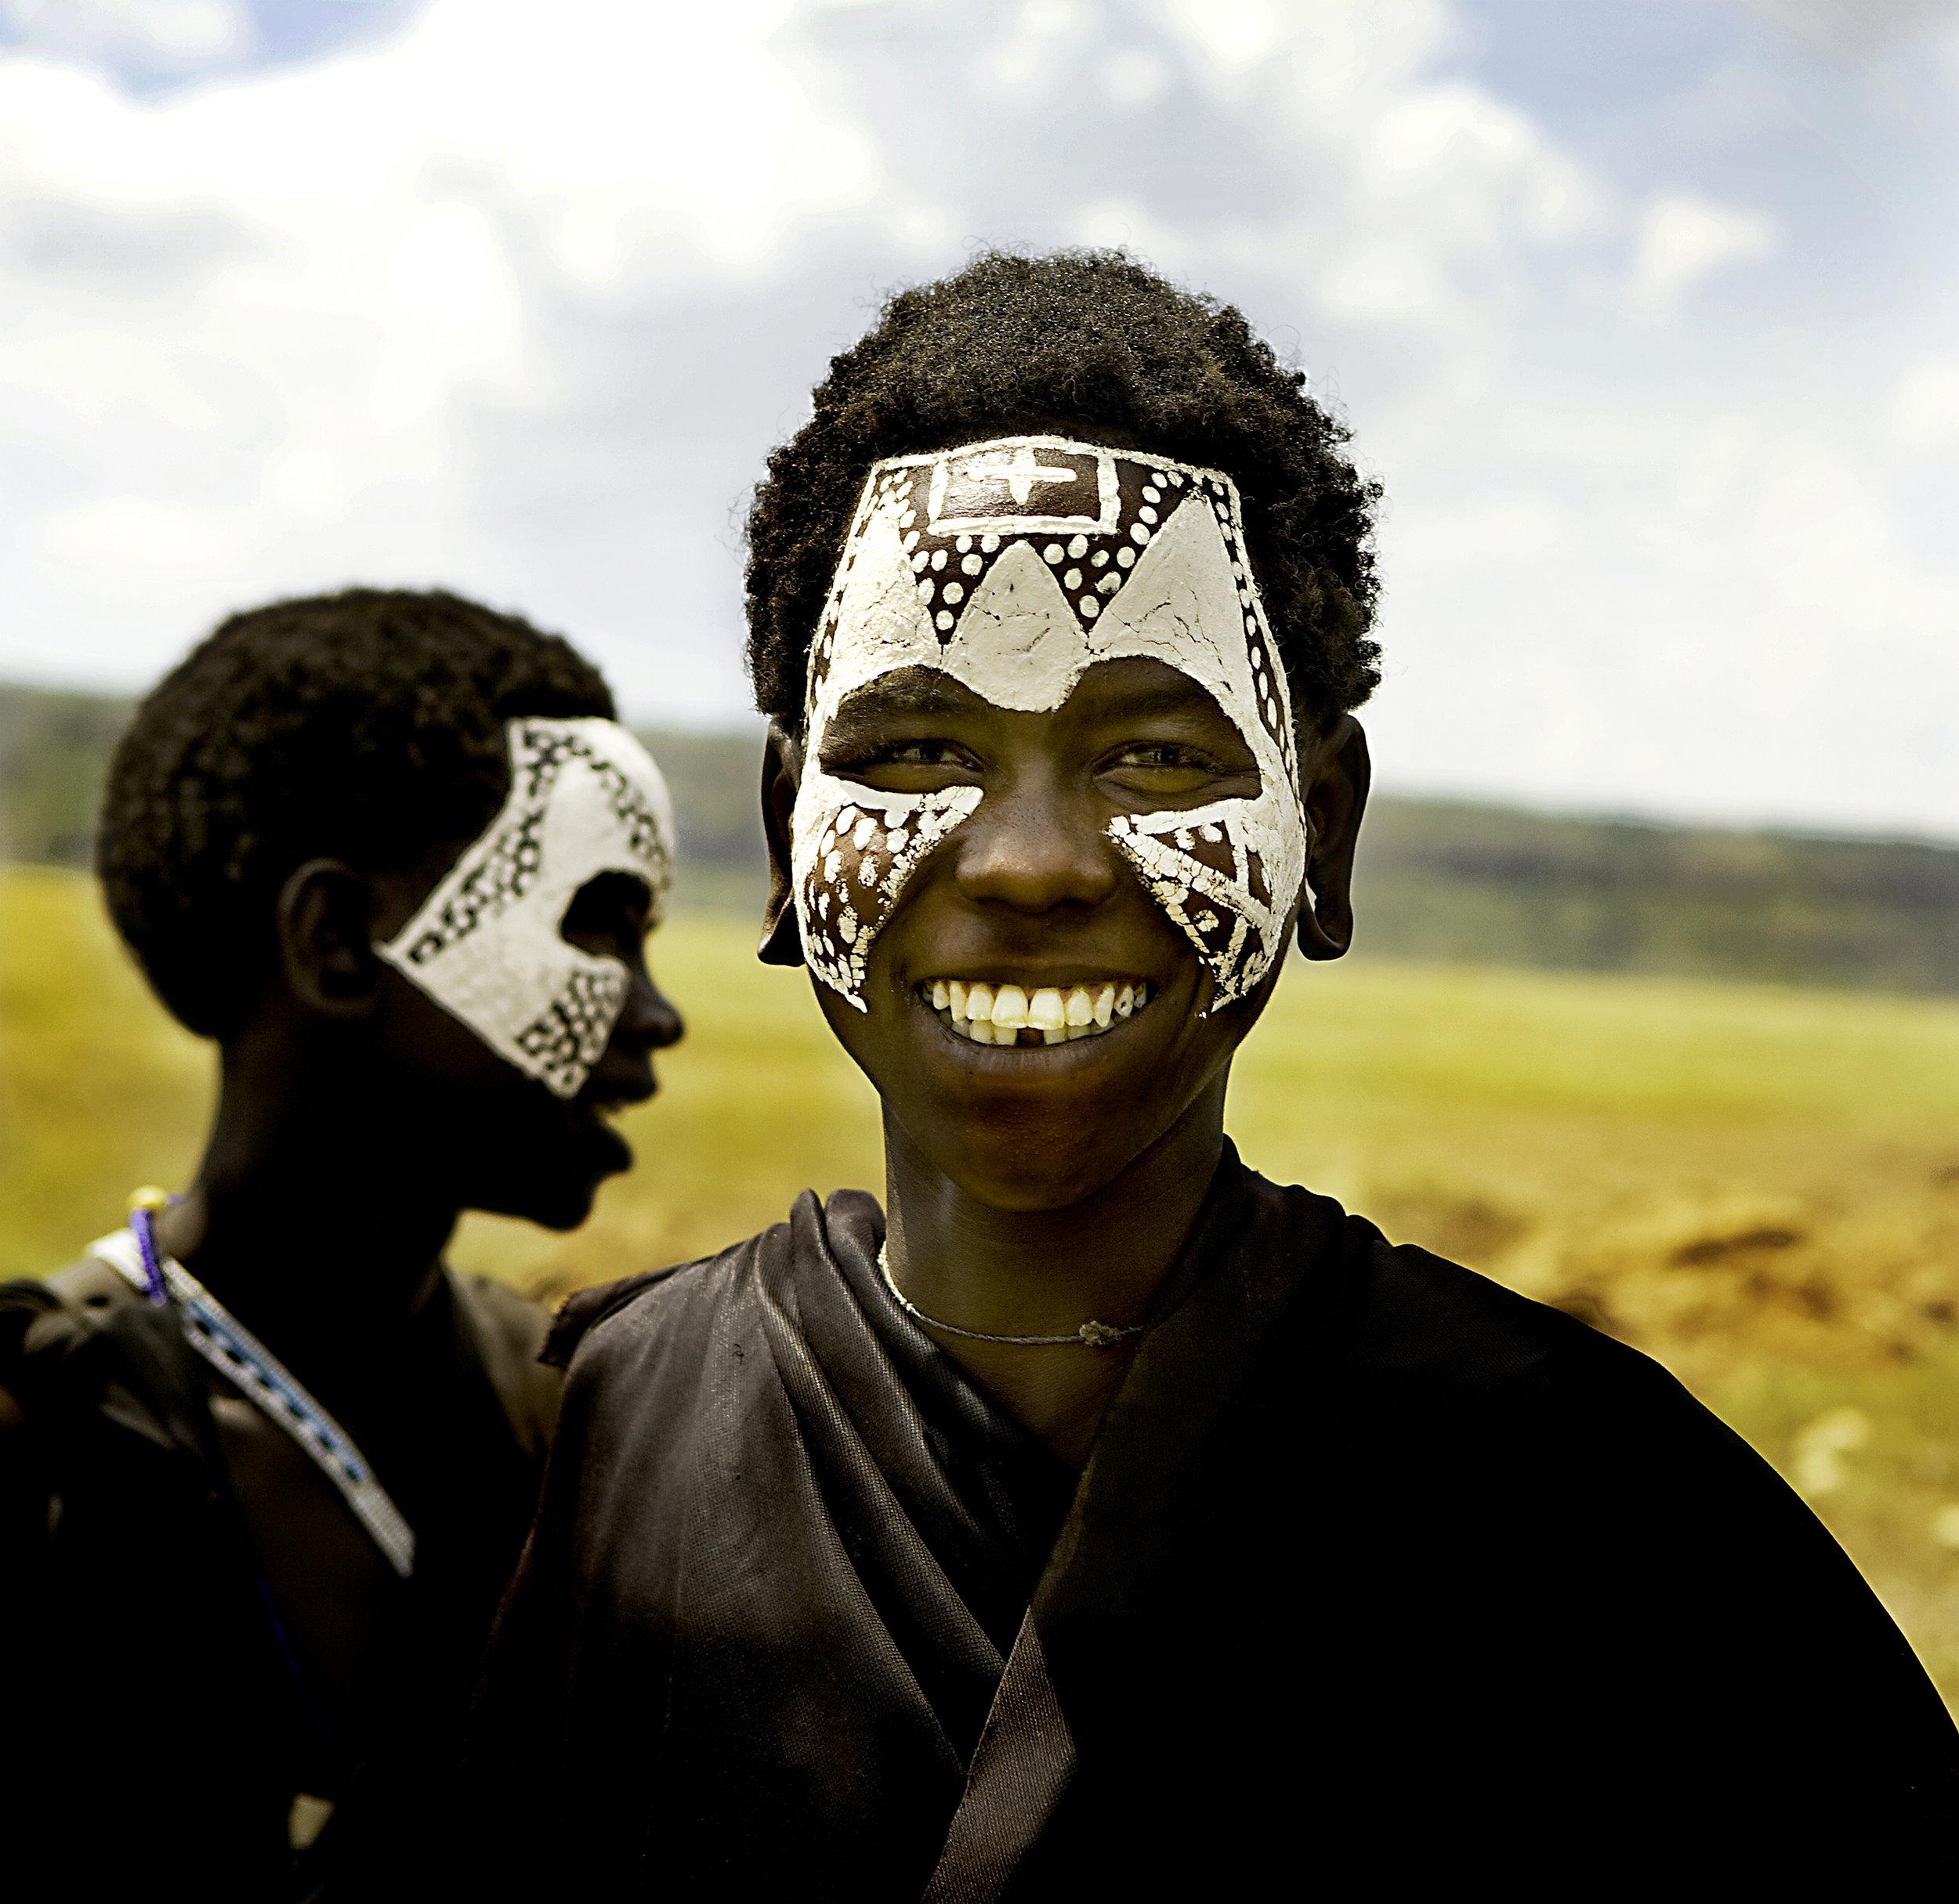 Africa Tanzania Maasa 2012 Copyright Hank Young.jpg